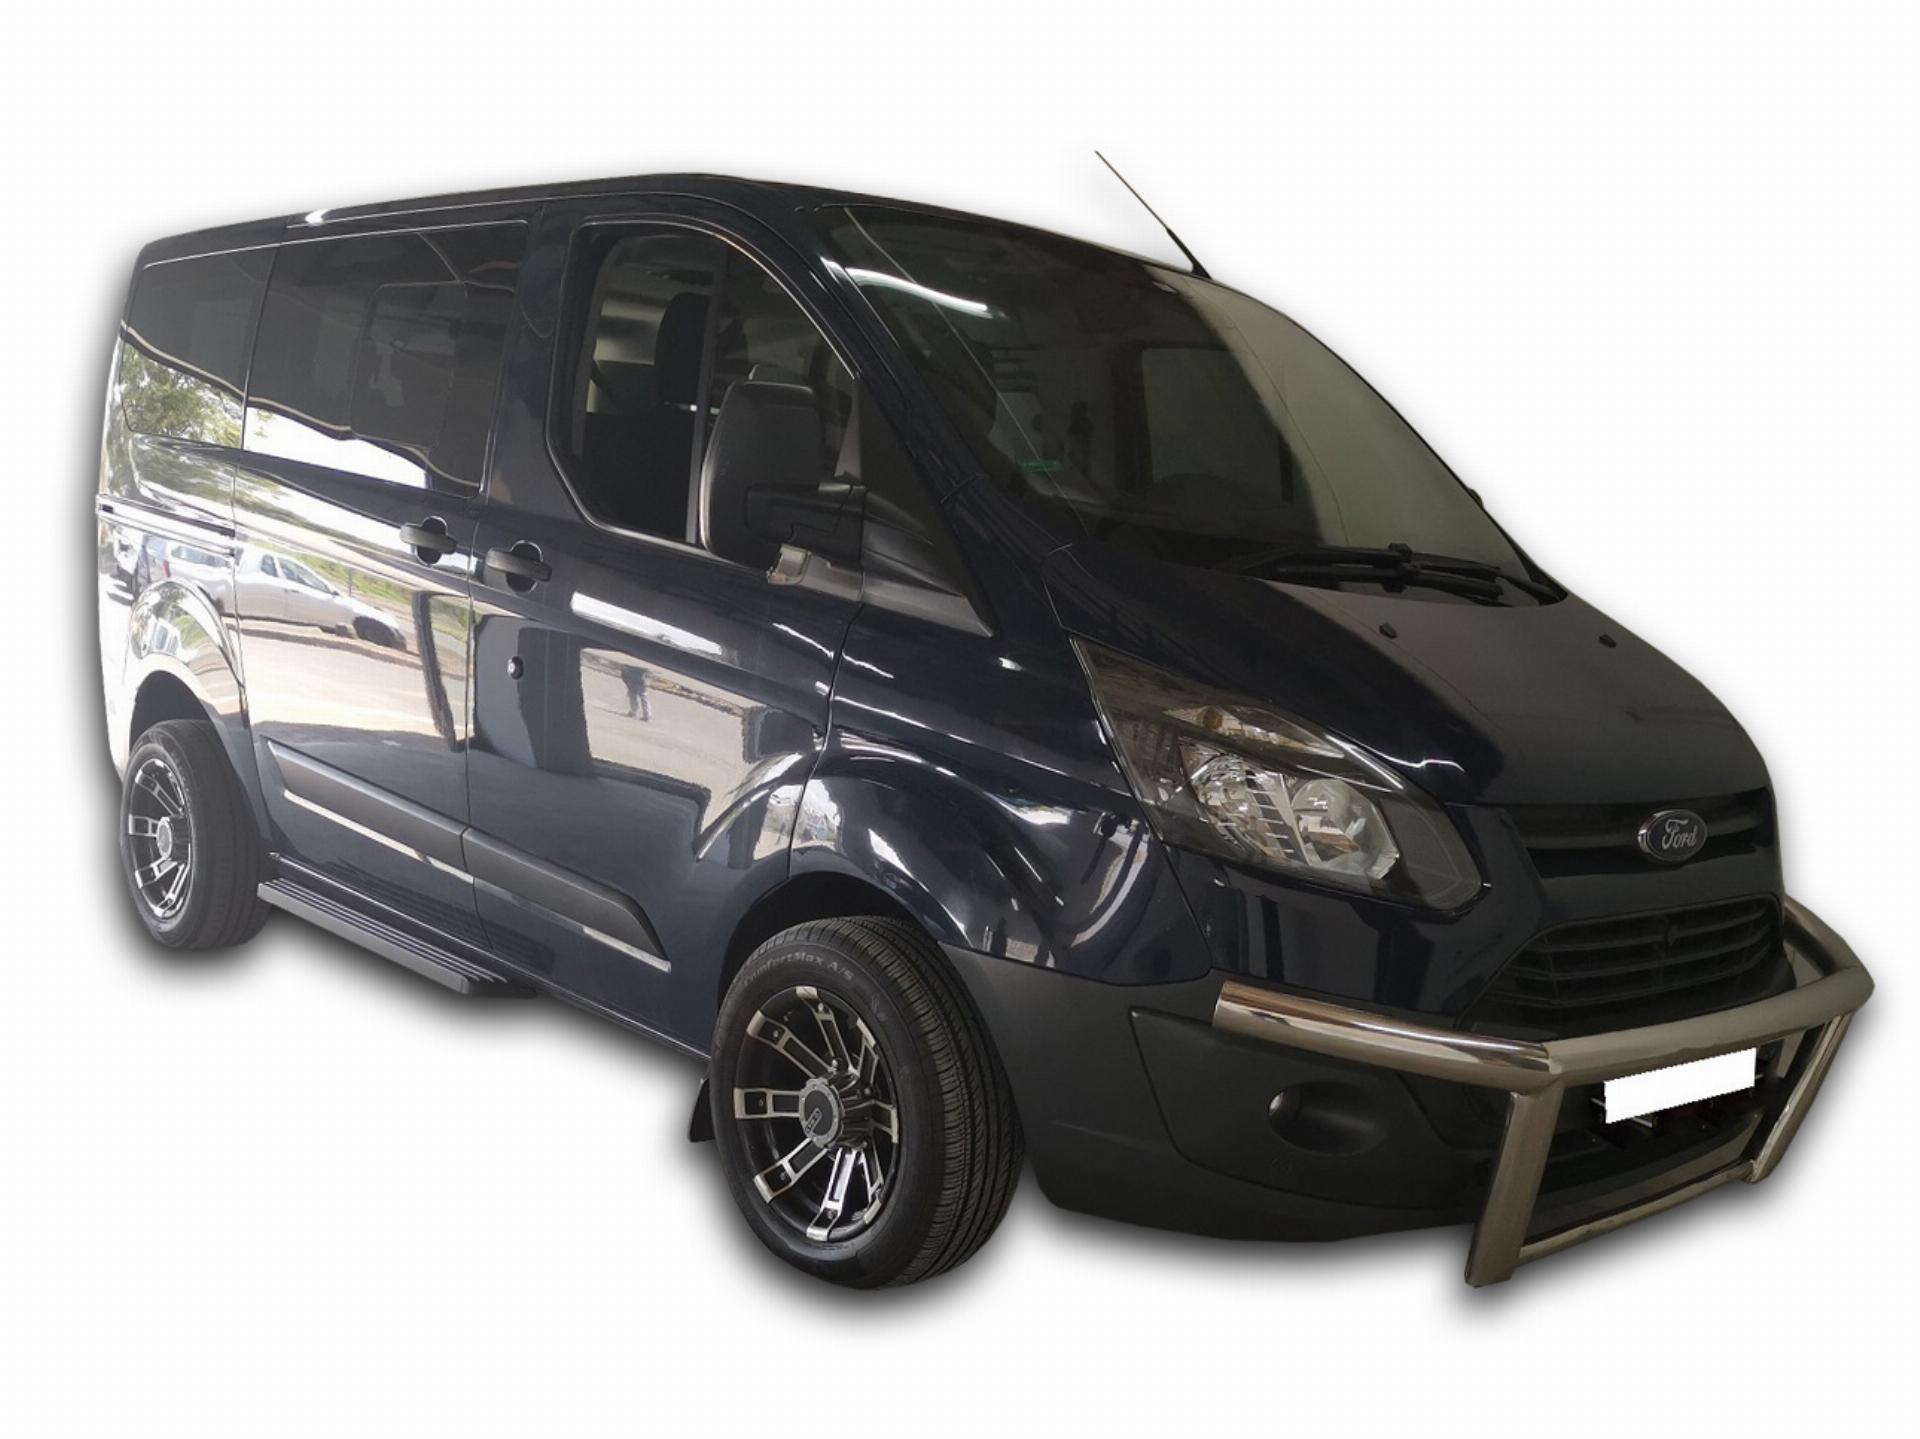 Ford Tourneo Custom 2.2 Tdci LWB